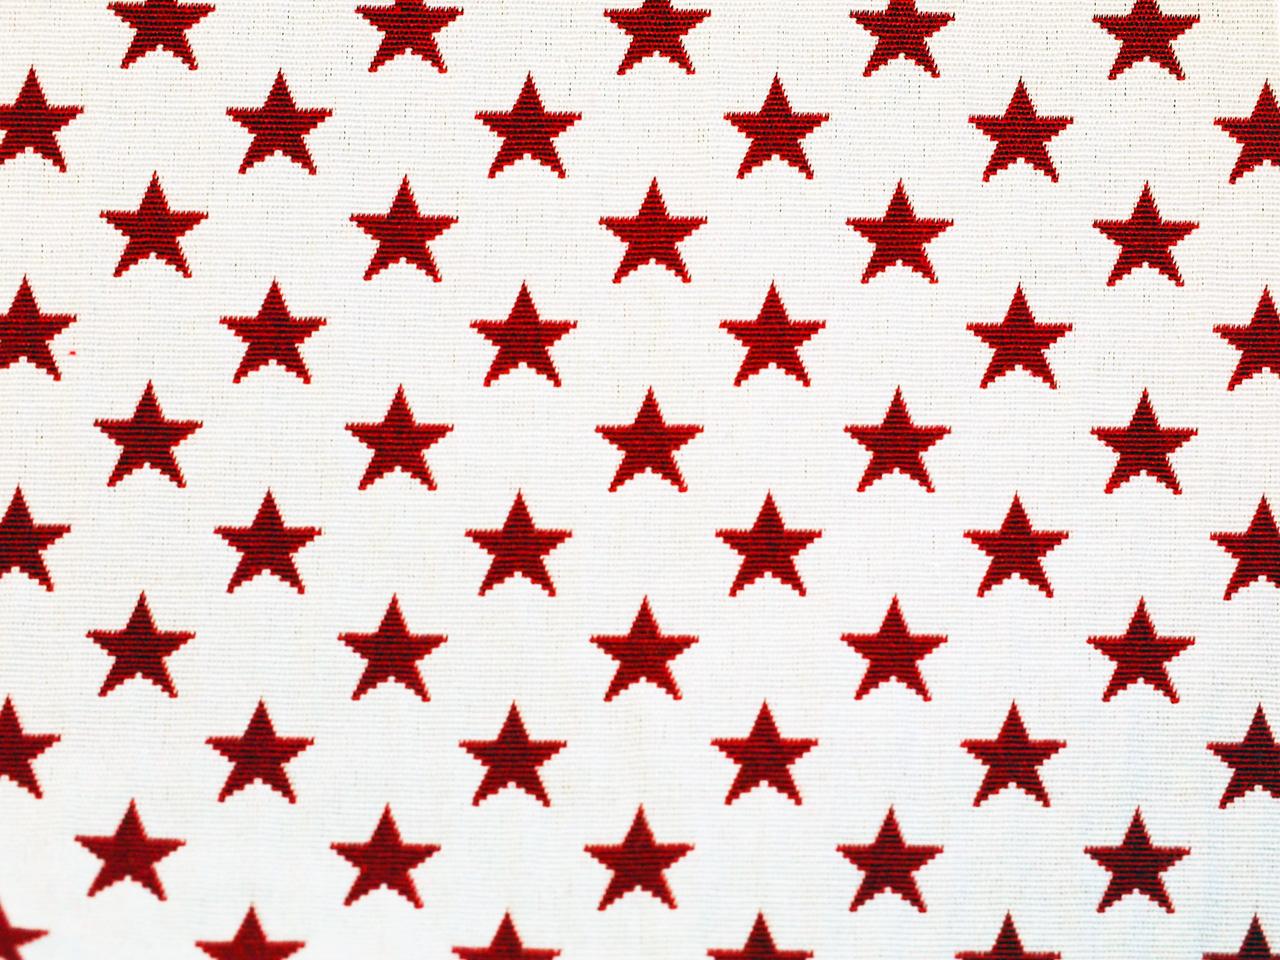 Sterne, rot auf weiß, Stoff Rückseite, Leckerlibeutel, Perlen vor die Hunde